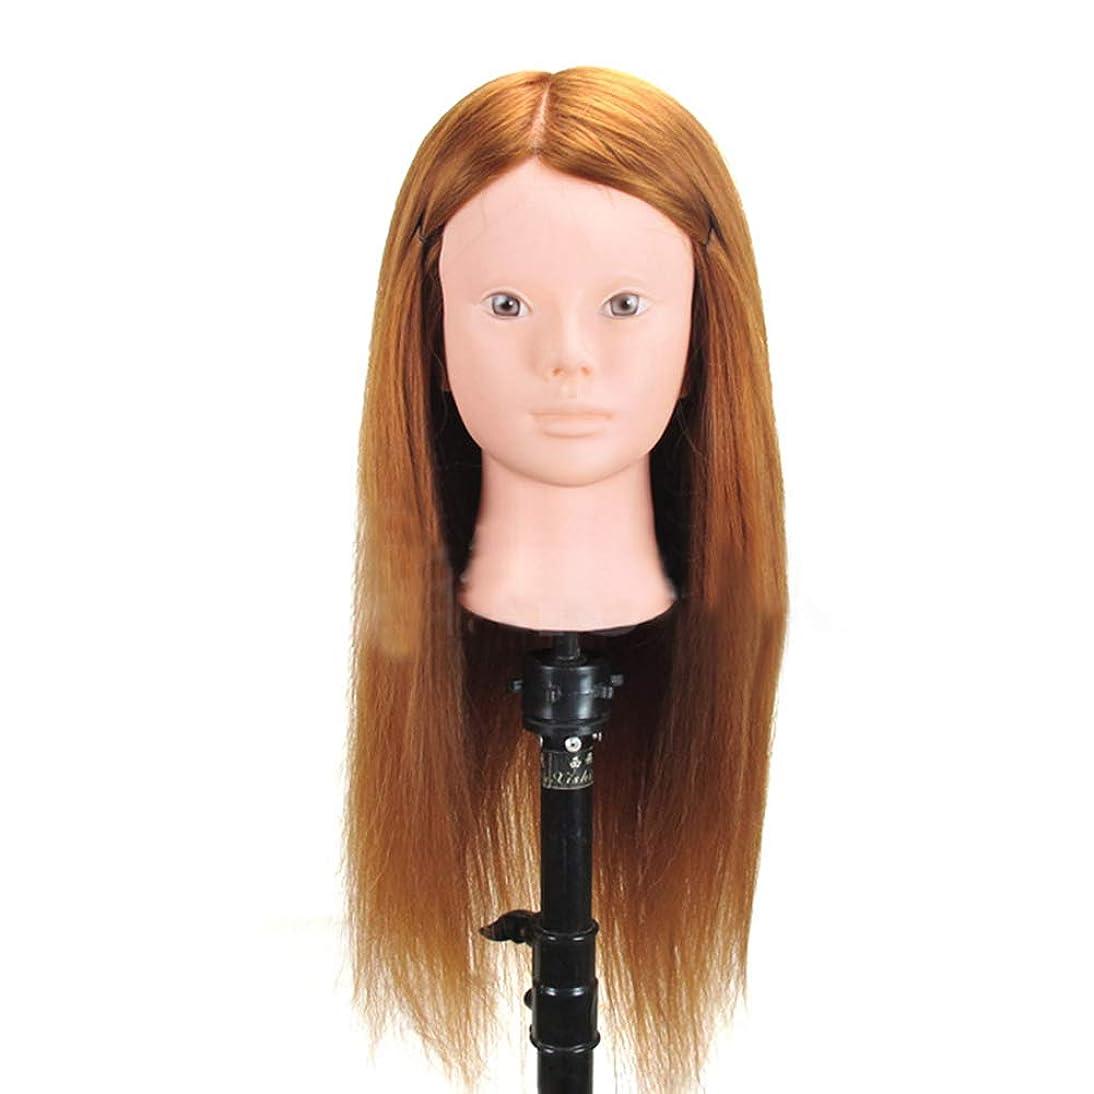 一定妖精一族高温シルクヘアマネキンヘッド編組ヘアヘアピンヘッドモデルサロンパーマ髪染め学習ダミーヘッド